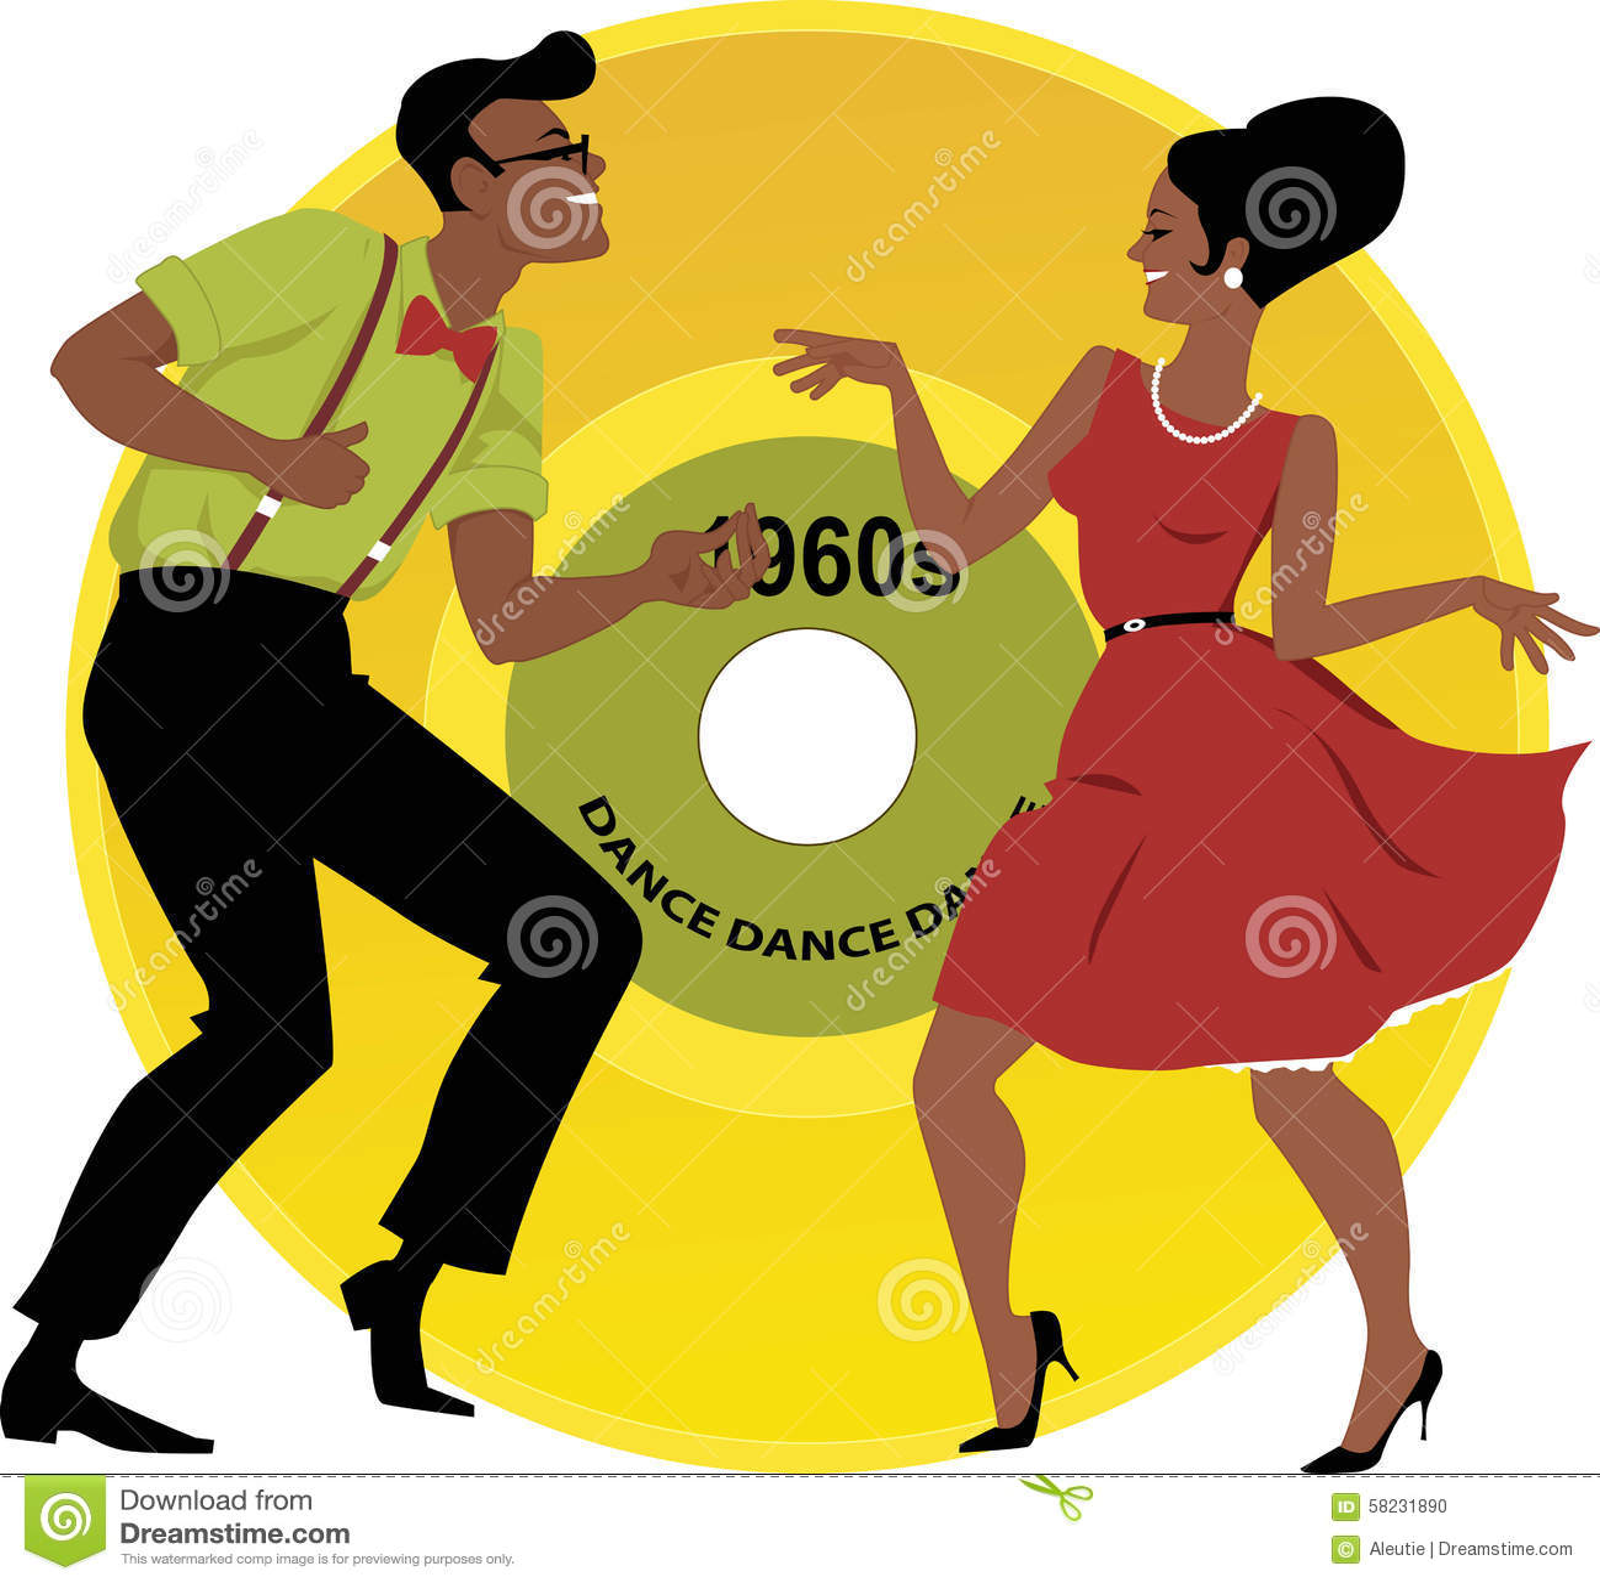 vinyl record clip art